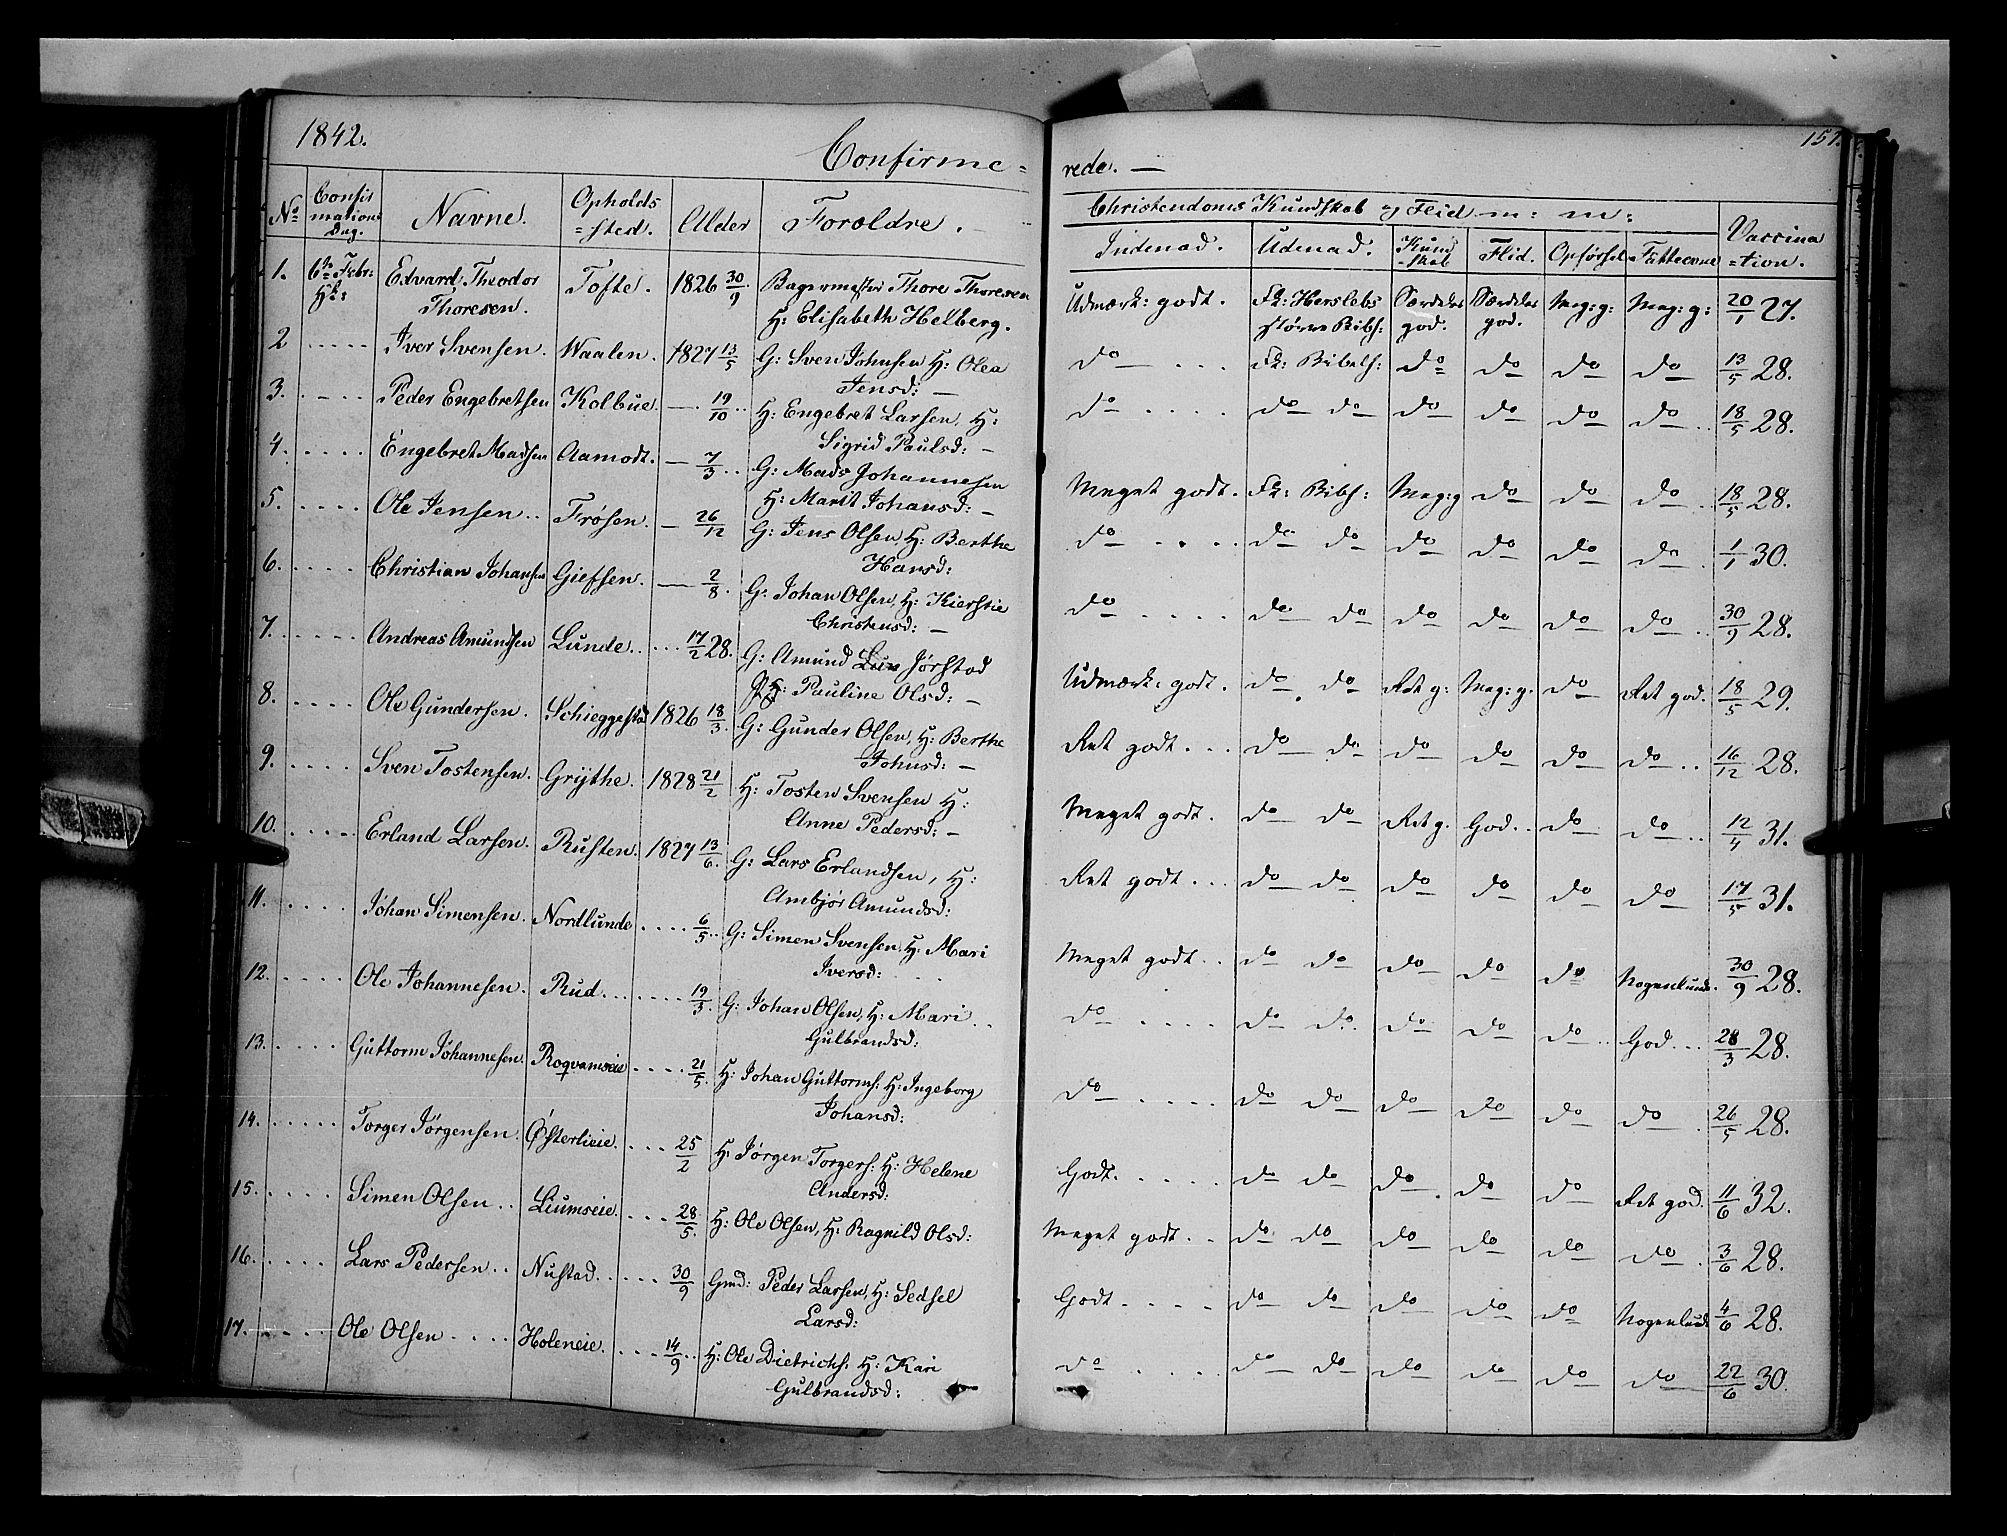 SAH, Gausdal prestekontor, Ministerialbok nr. 7, 1840-1850, s. 157a